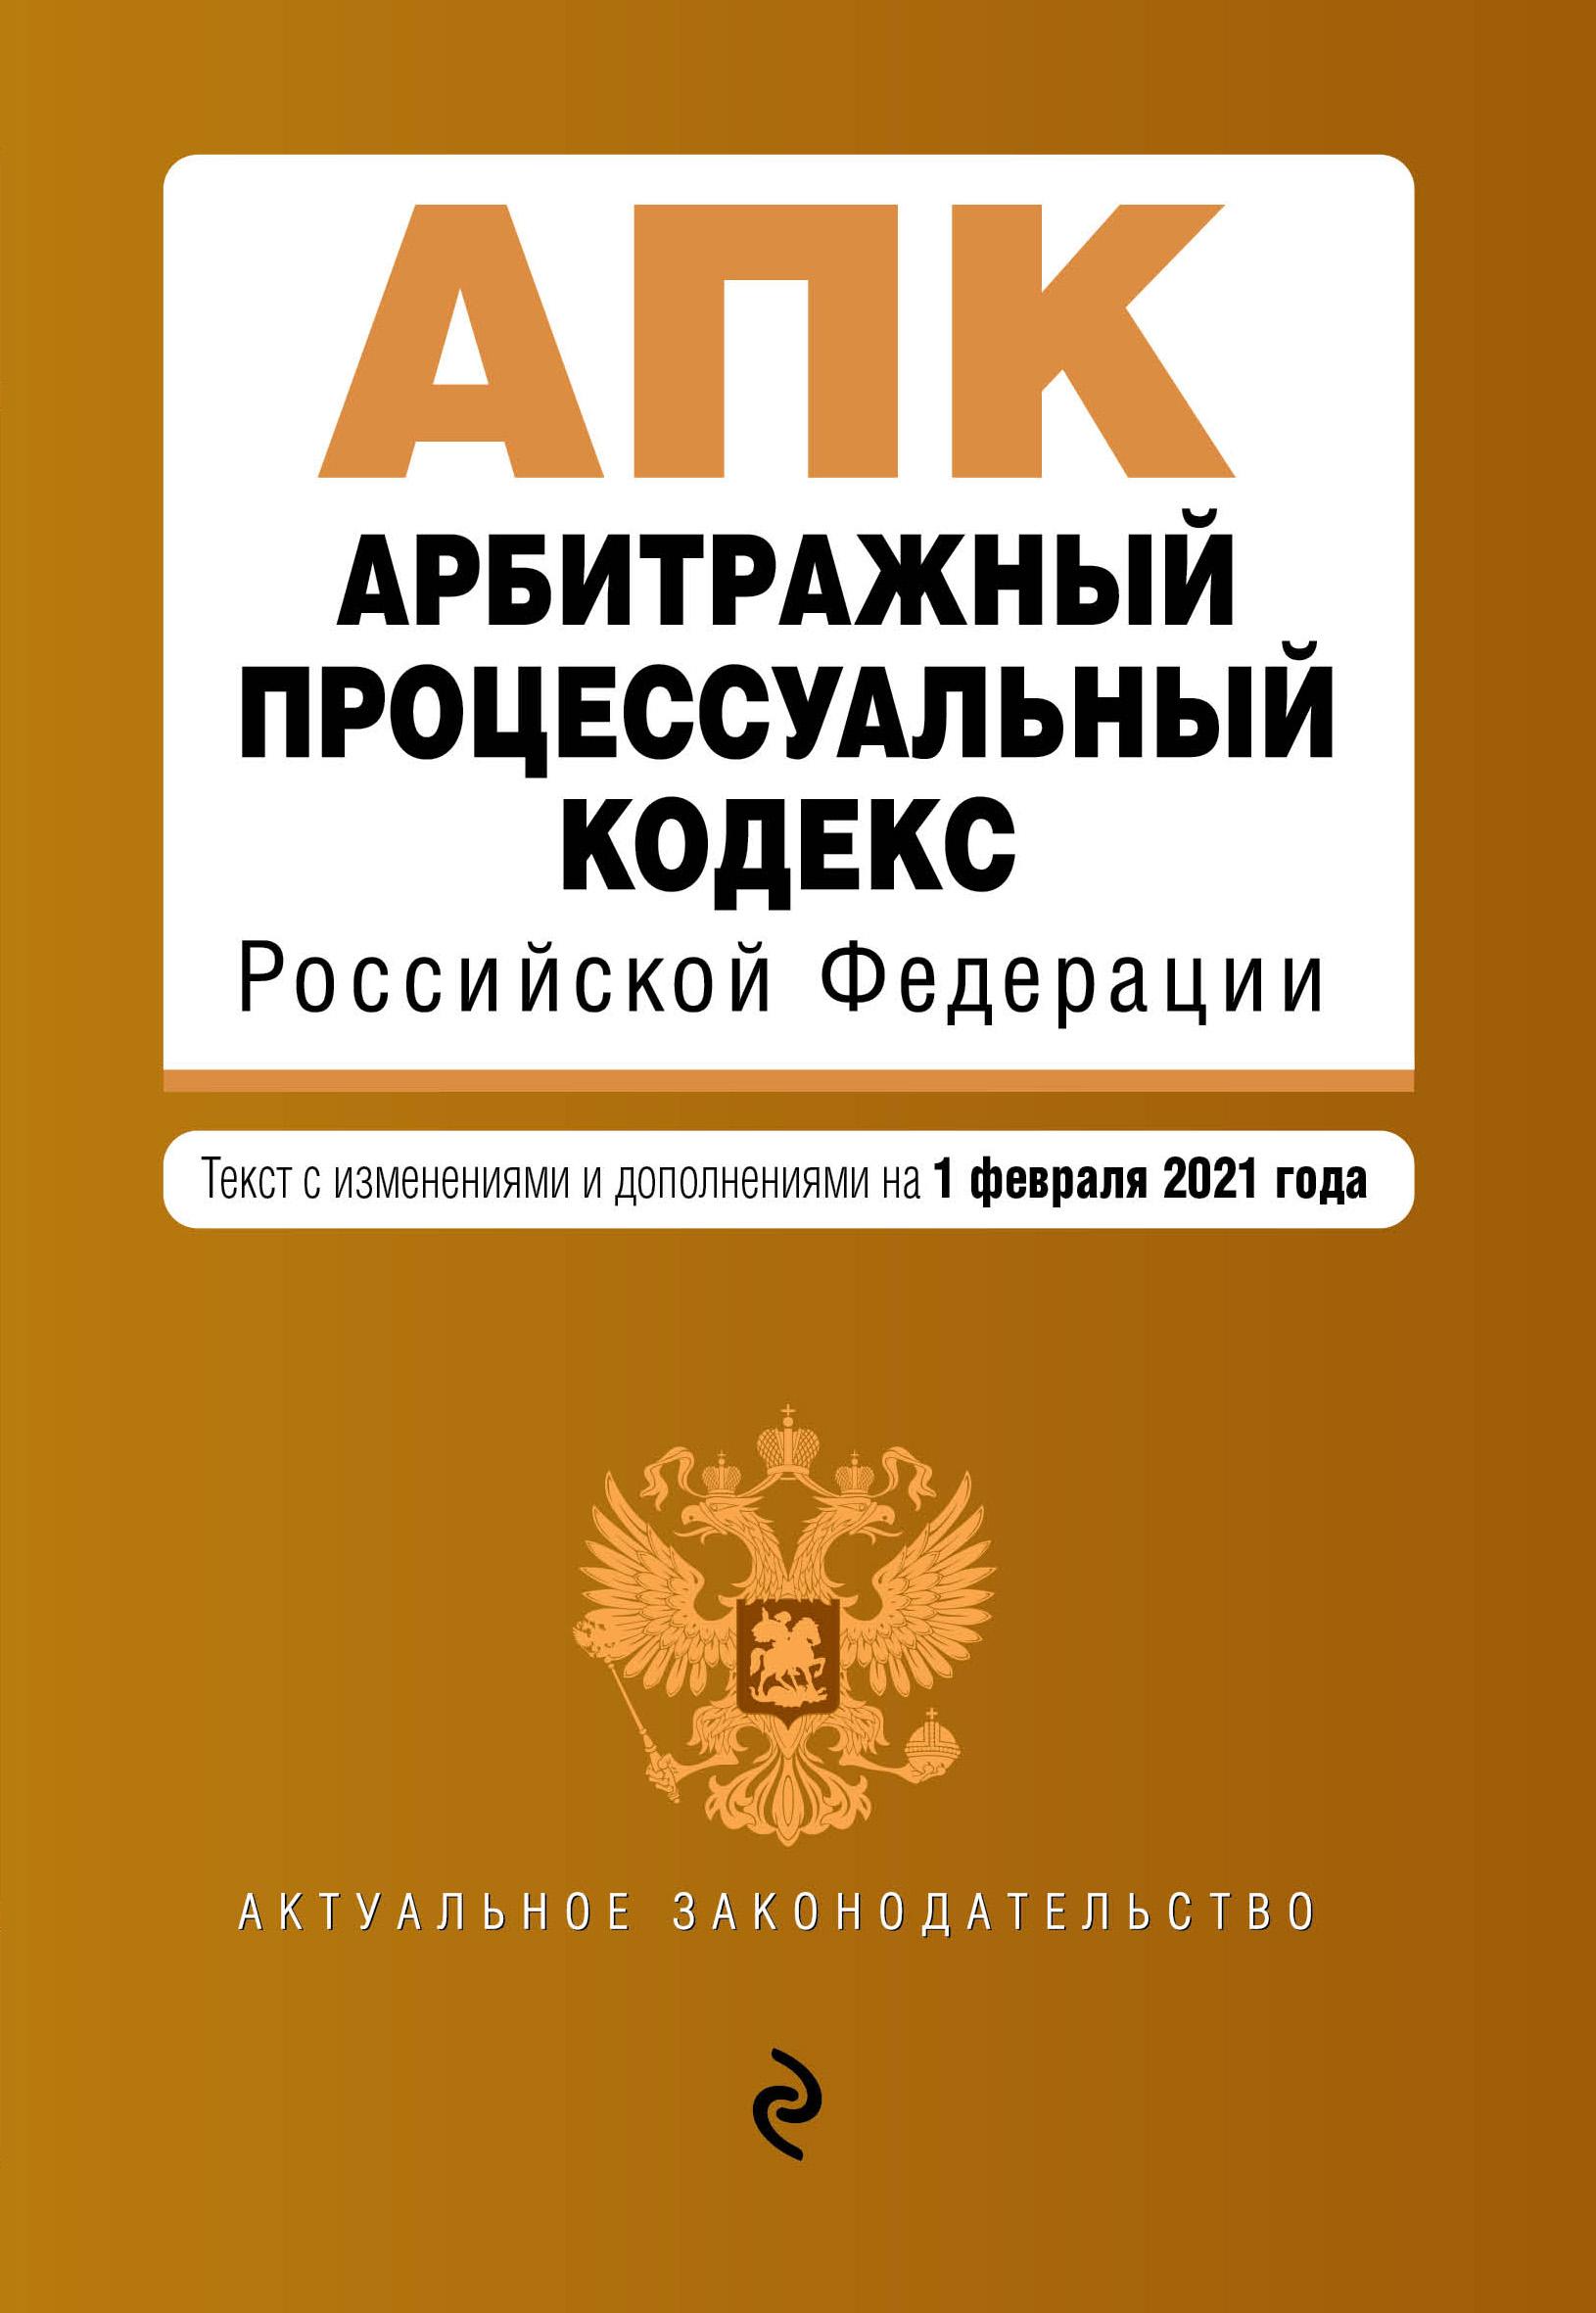 Арбитражный процессуальный кодекс Российской Федерации. Текст с изм. и доп. на 1 февраля 2021 г.